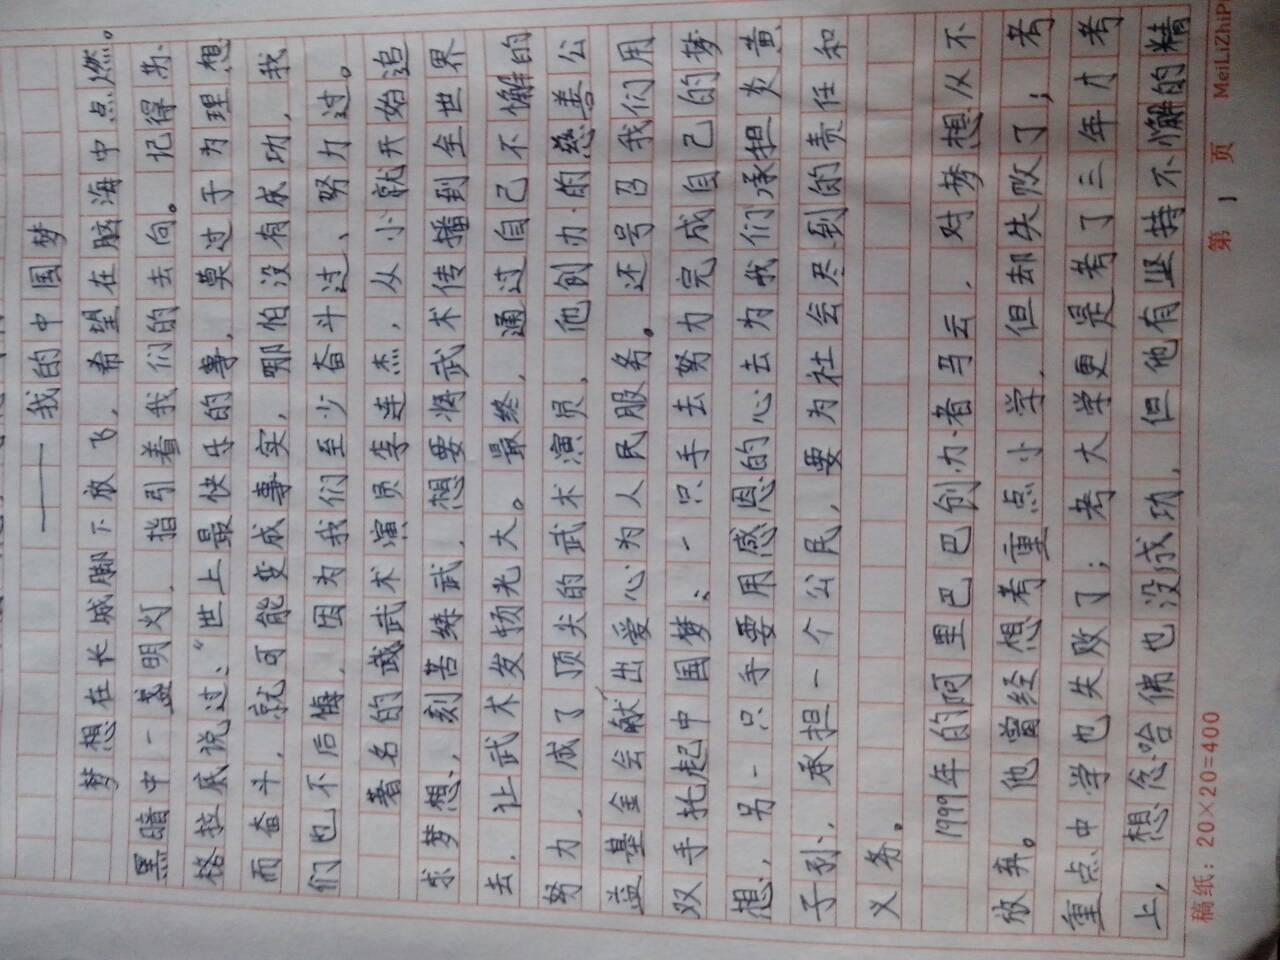 """四年级作文,我的中国梦,二百字左右,我想写作文,题目是,""""我的中国梦."""